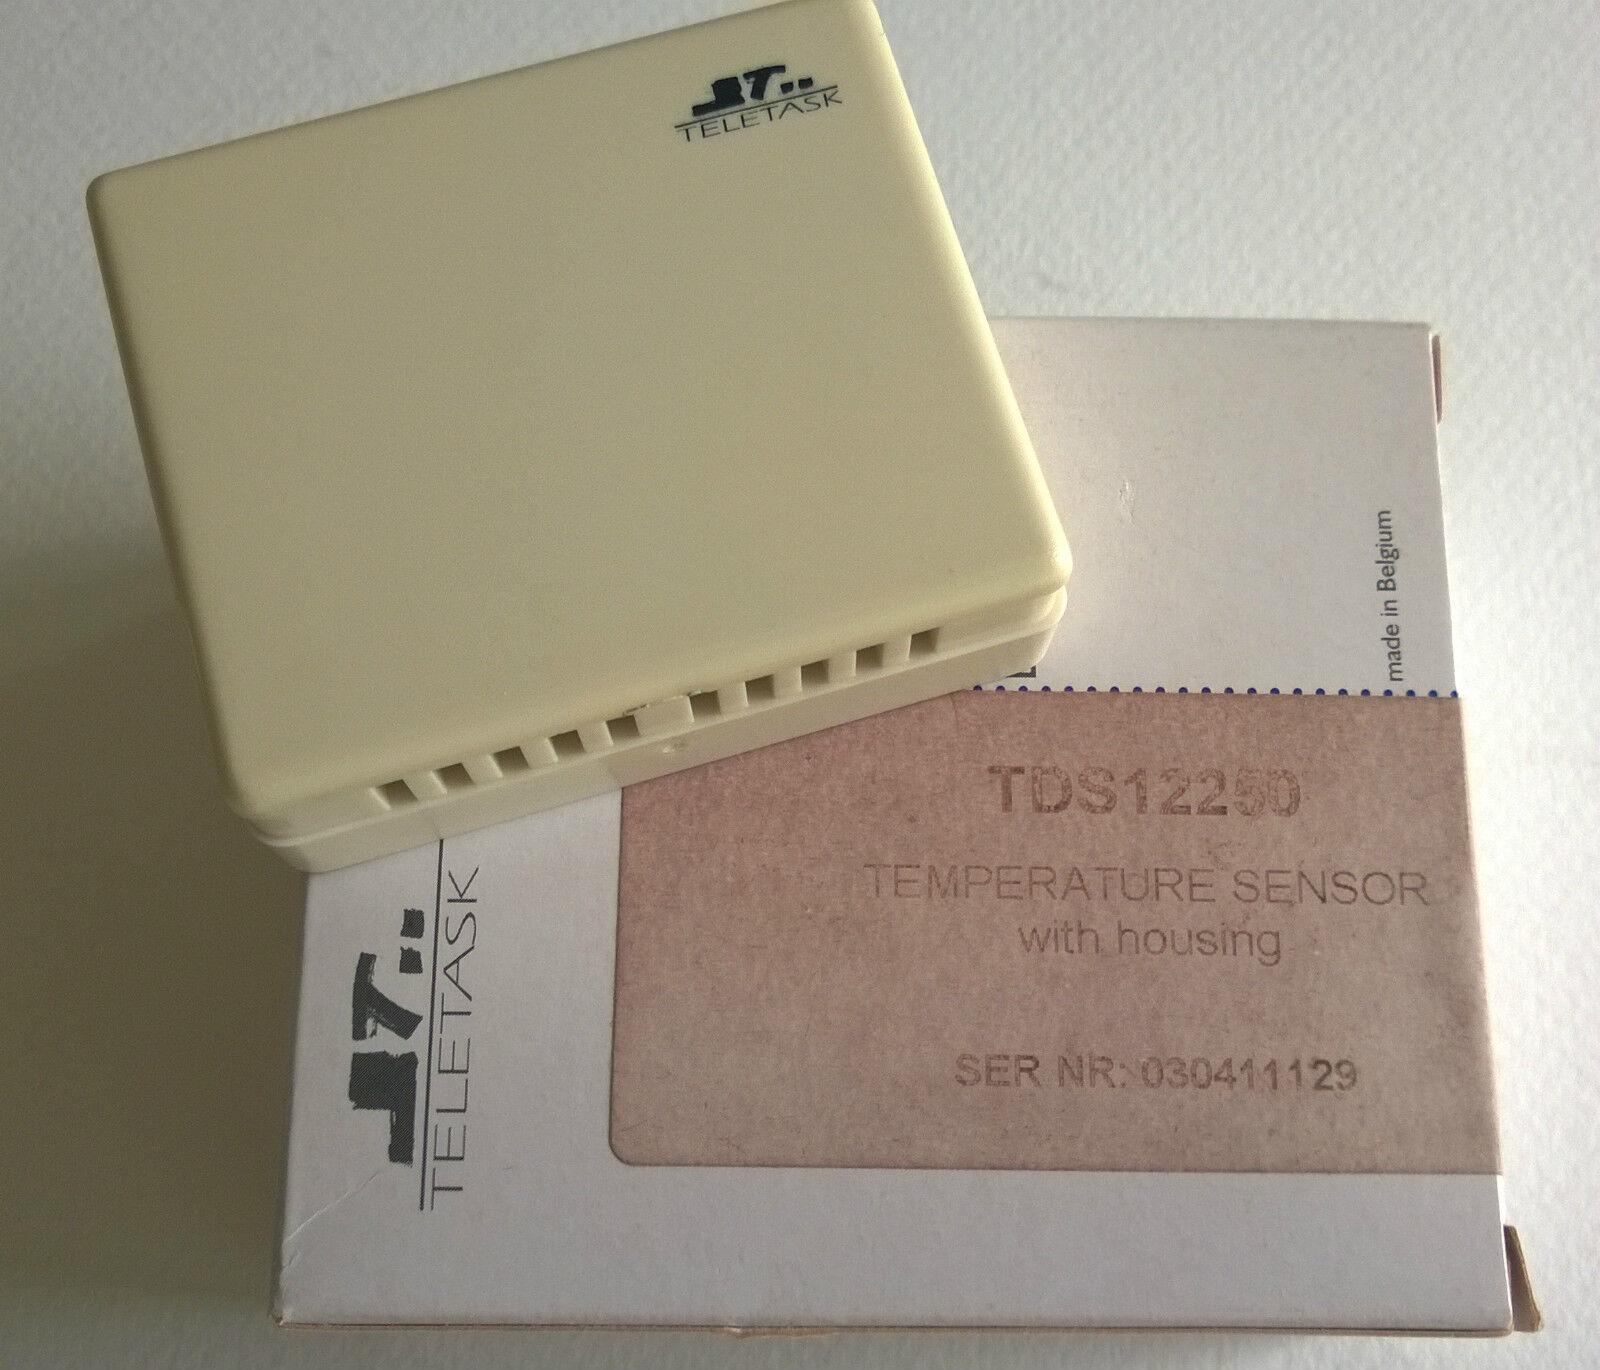 TELETASK TDS12250 Temperature sensor – Temperatuur sensor – capteur de temp.